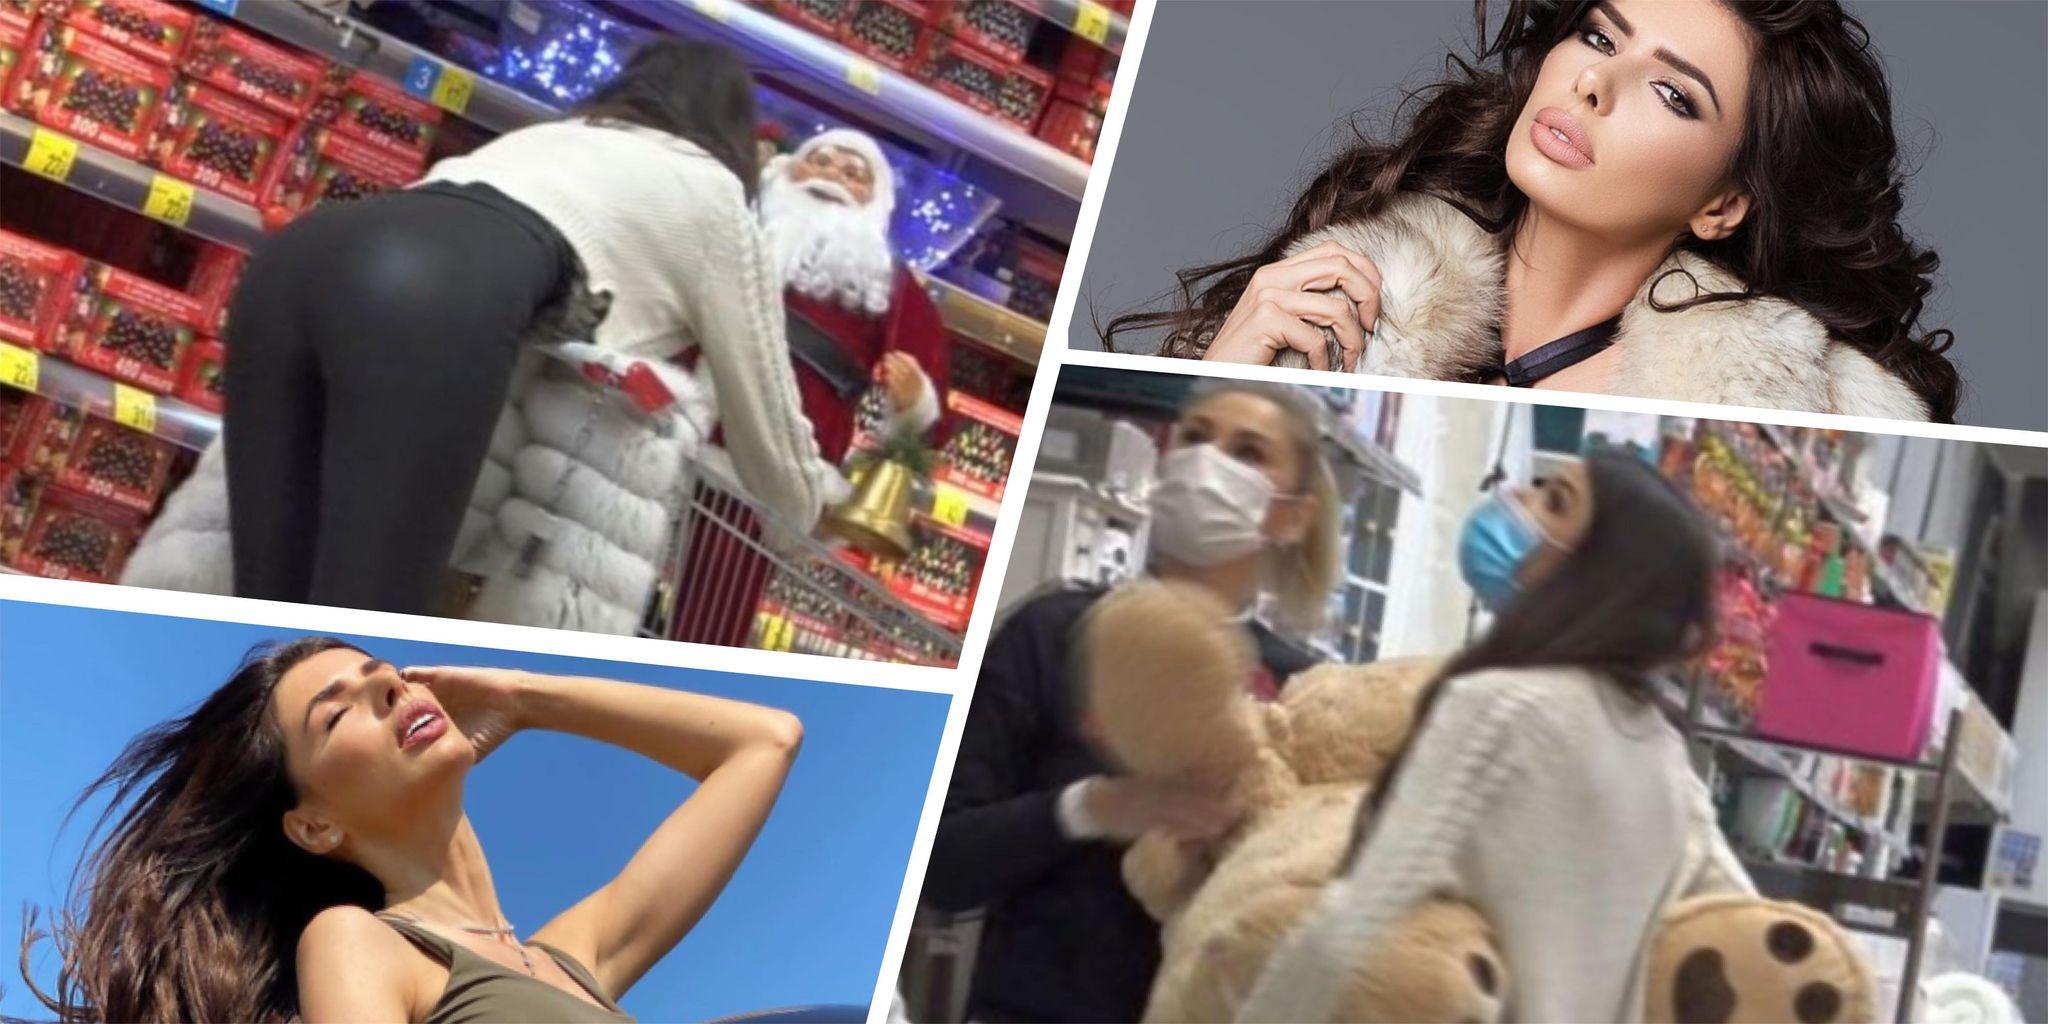 VIDEO | Filimon, nu sta așa, că-ți dă Moșu' nuiaua! Fosta Miss România a fost surprinsă de PAPARAZZI în ipostaze fierbinți, la cumpărături de cadouri